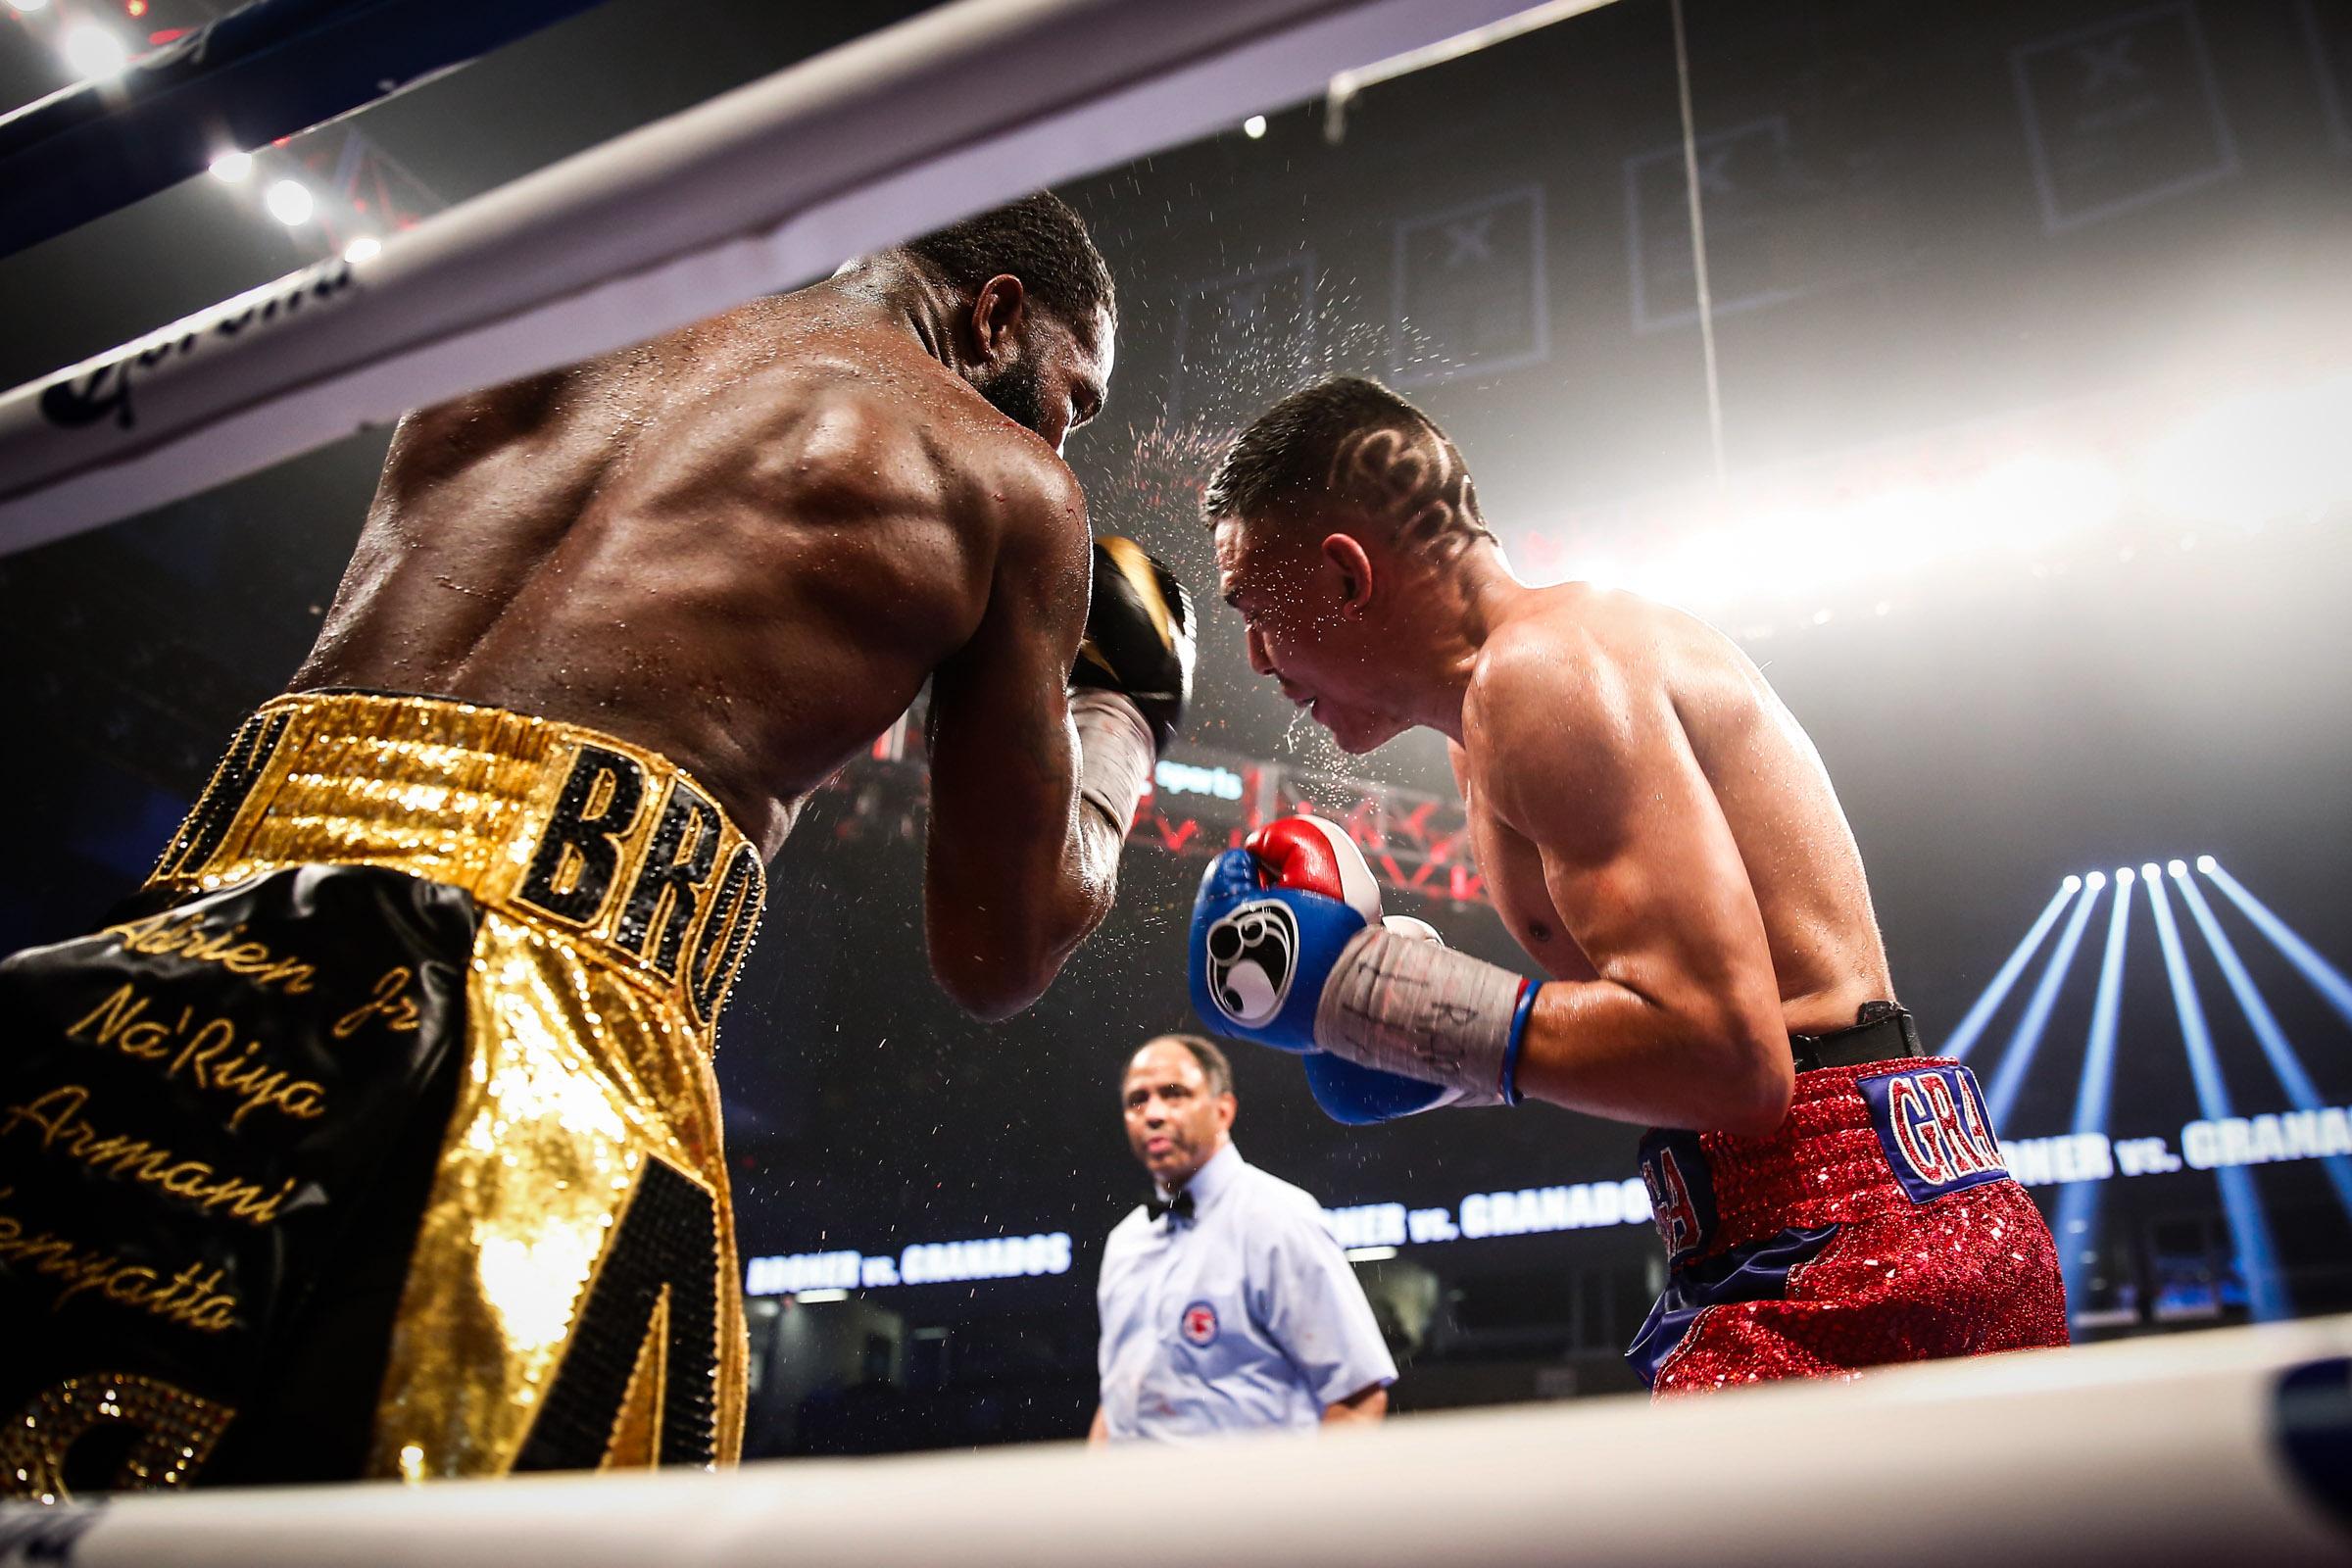 LR_SHO-FIGHT NIGHT-BRONER VS GRANADOS-02182017-0117.jpg